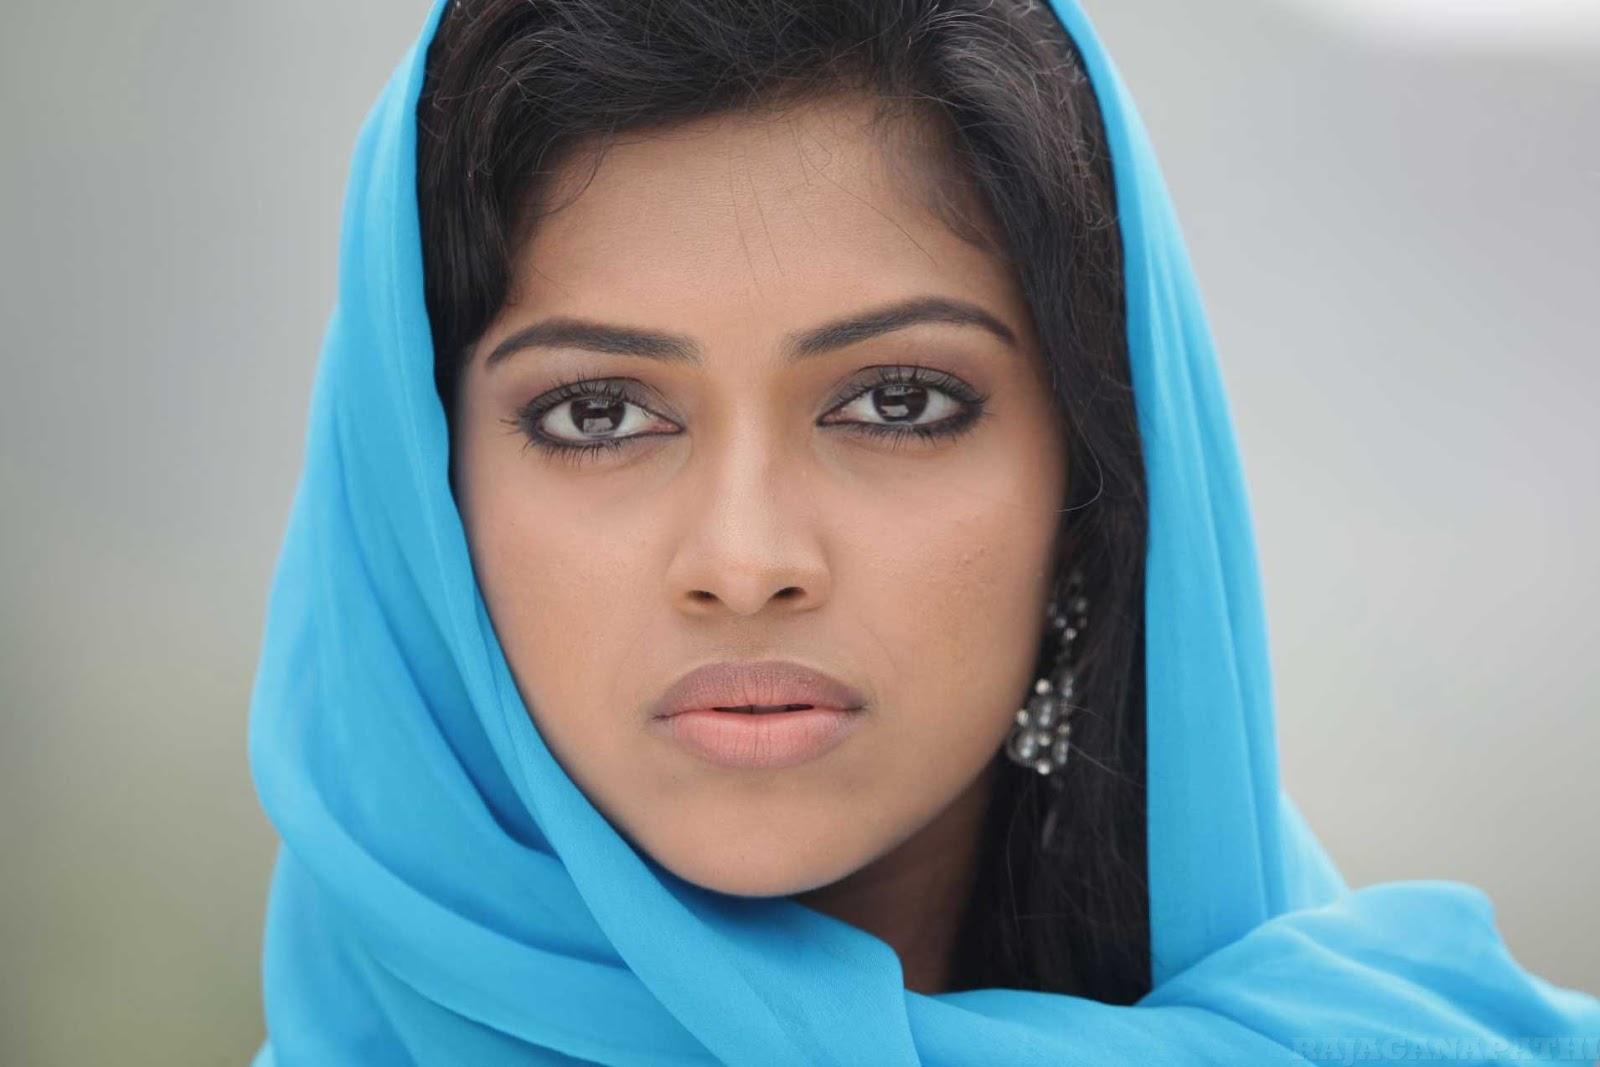 Фото индийских сексуальных девушек 5 фотография